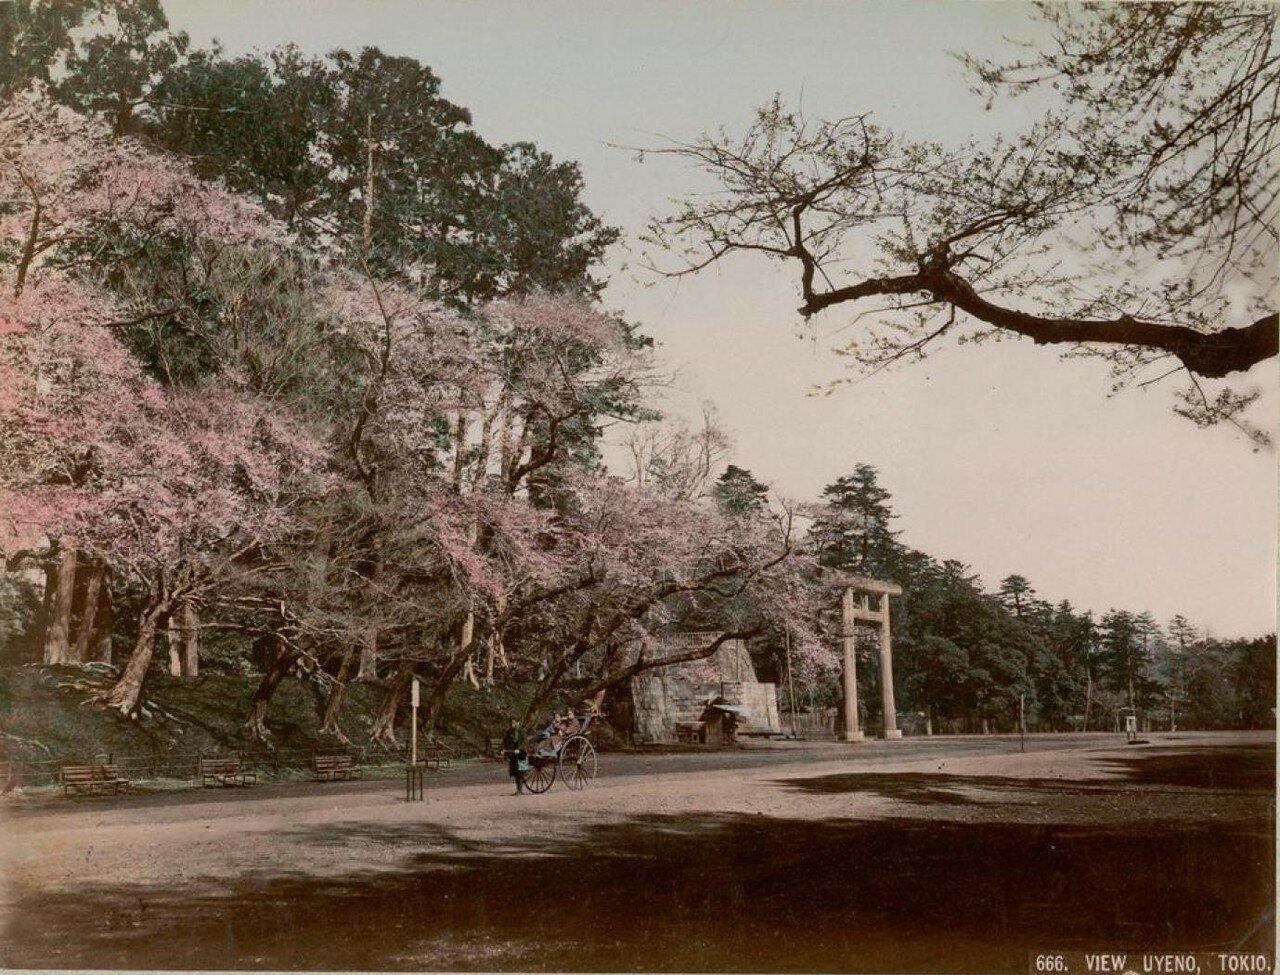 Токио. Высочайше пожалованный парк Уэно